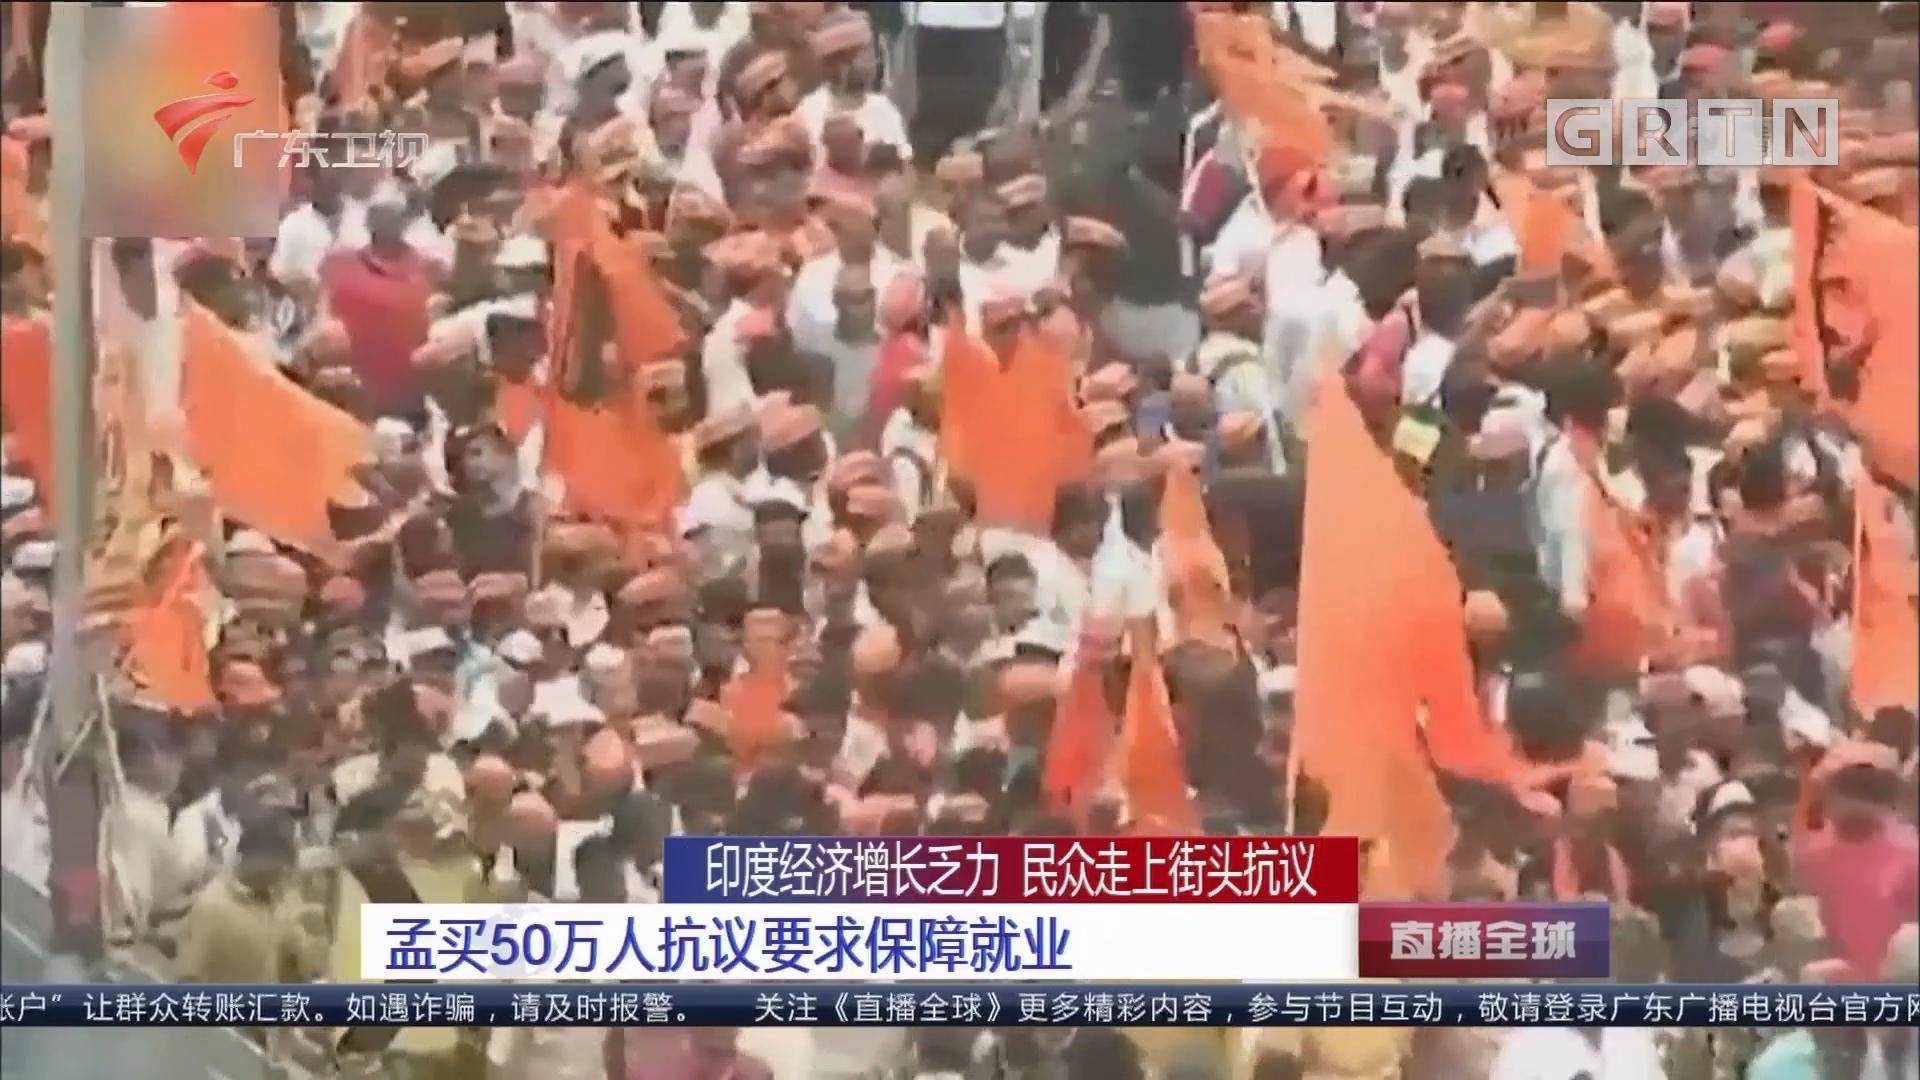 印度经济增长乏力 民众走上街头抗议:孟买50万人抗议要求保障就业